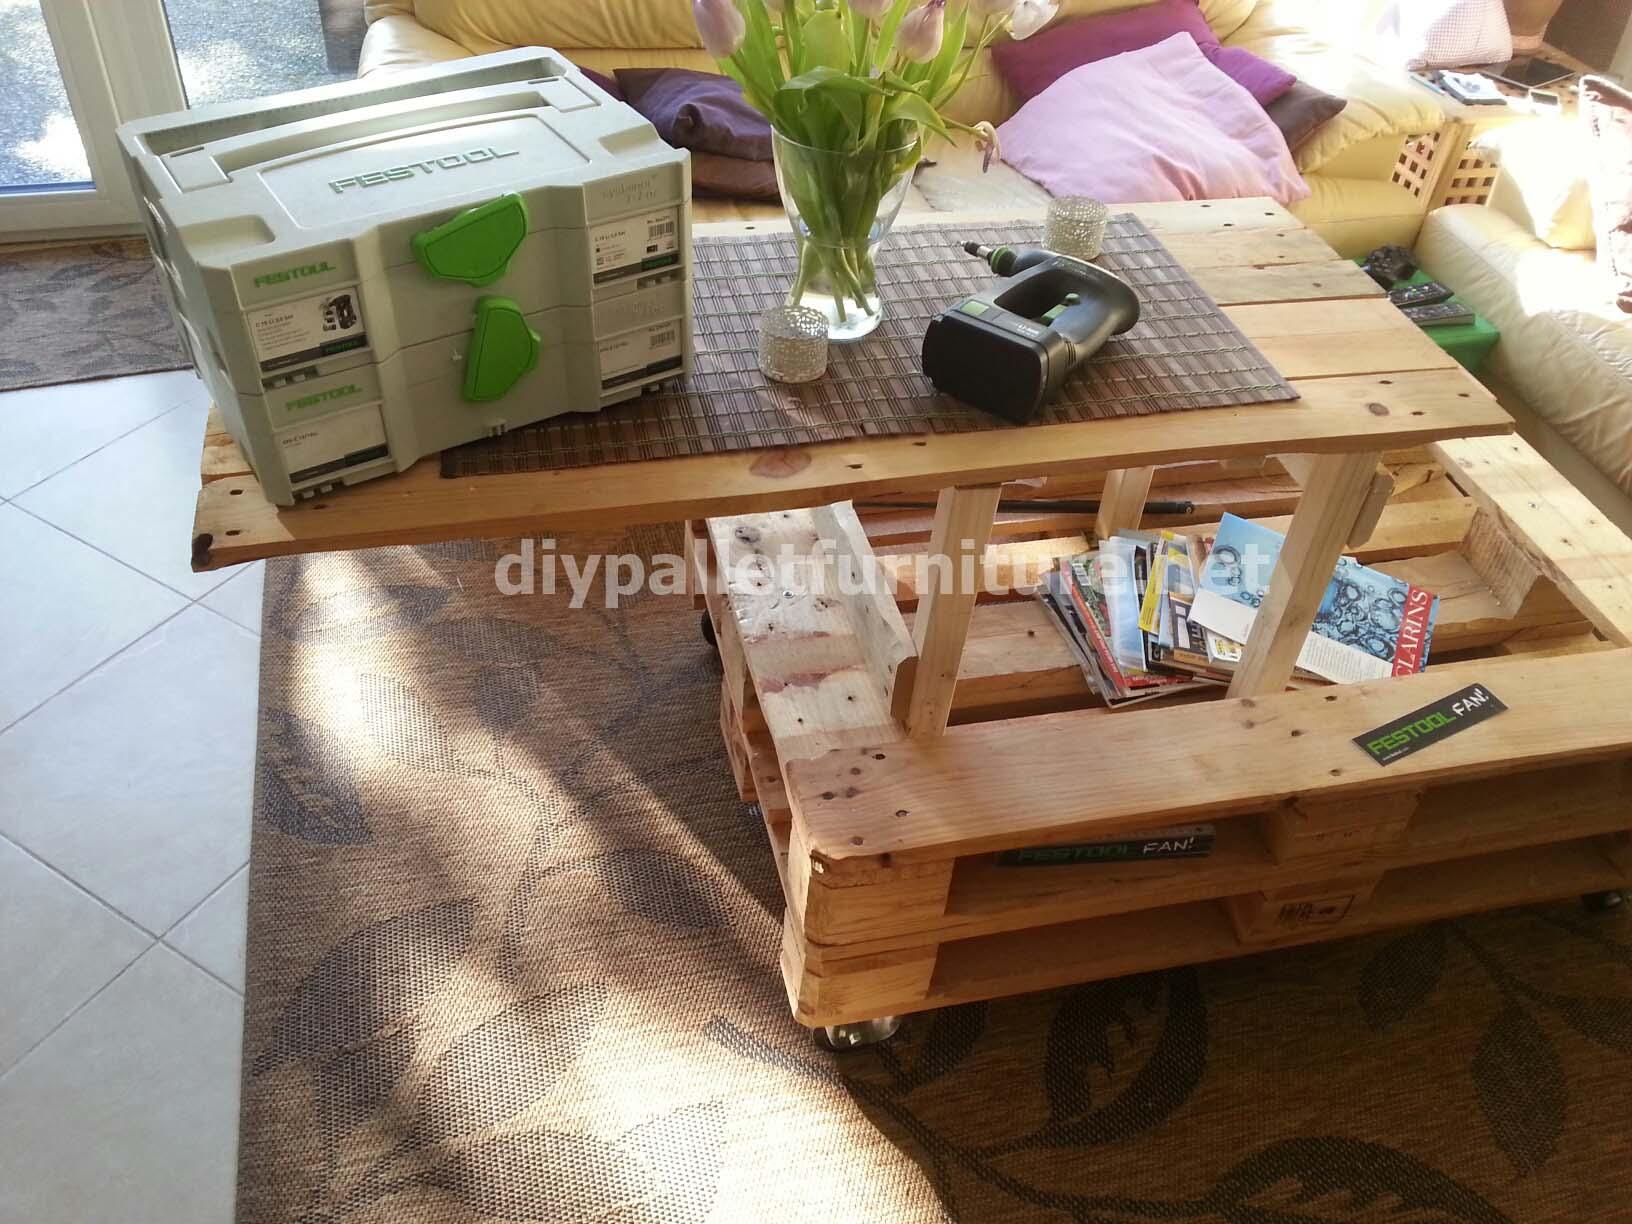 Mobili Con Pallets : Tavoli realizzati con i pallet nice panca fatta con bancali un